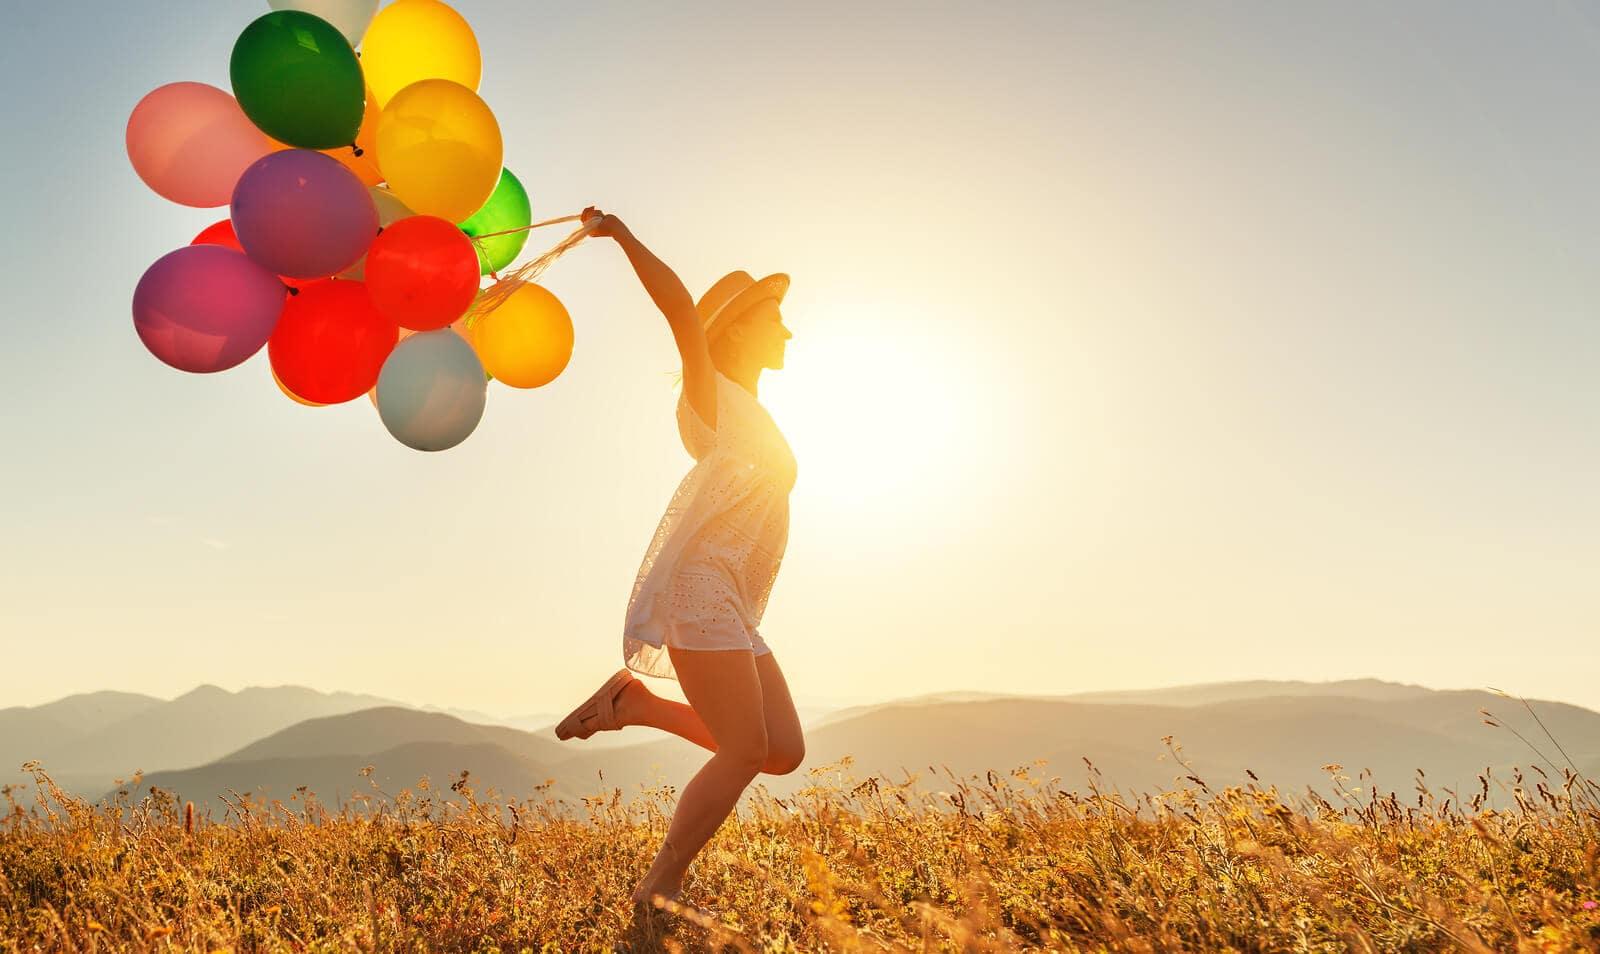 第10回 自己破産したらどうなる?それでも、あなたの人生は終わらない